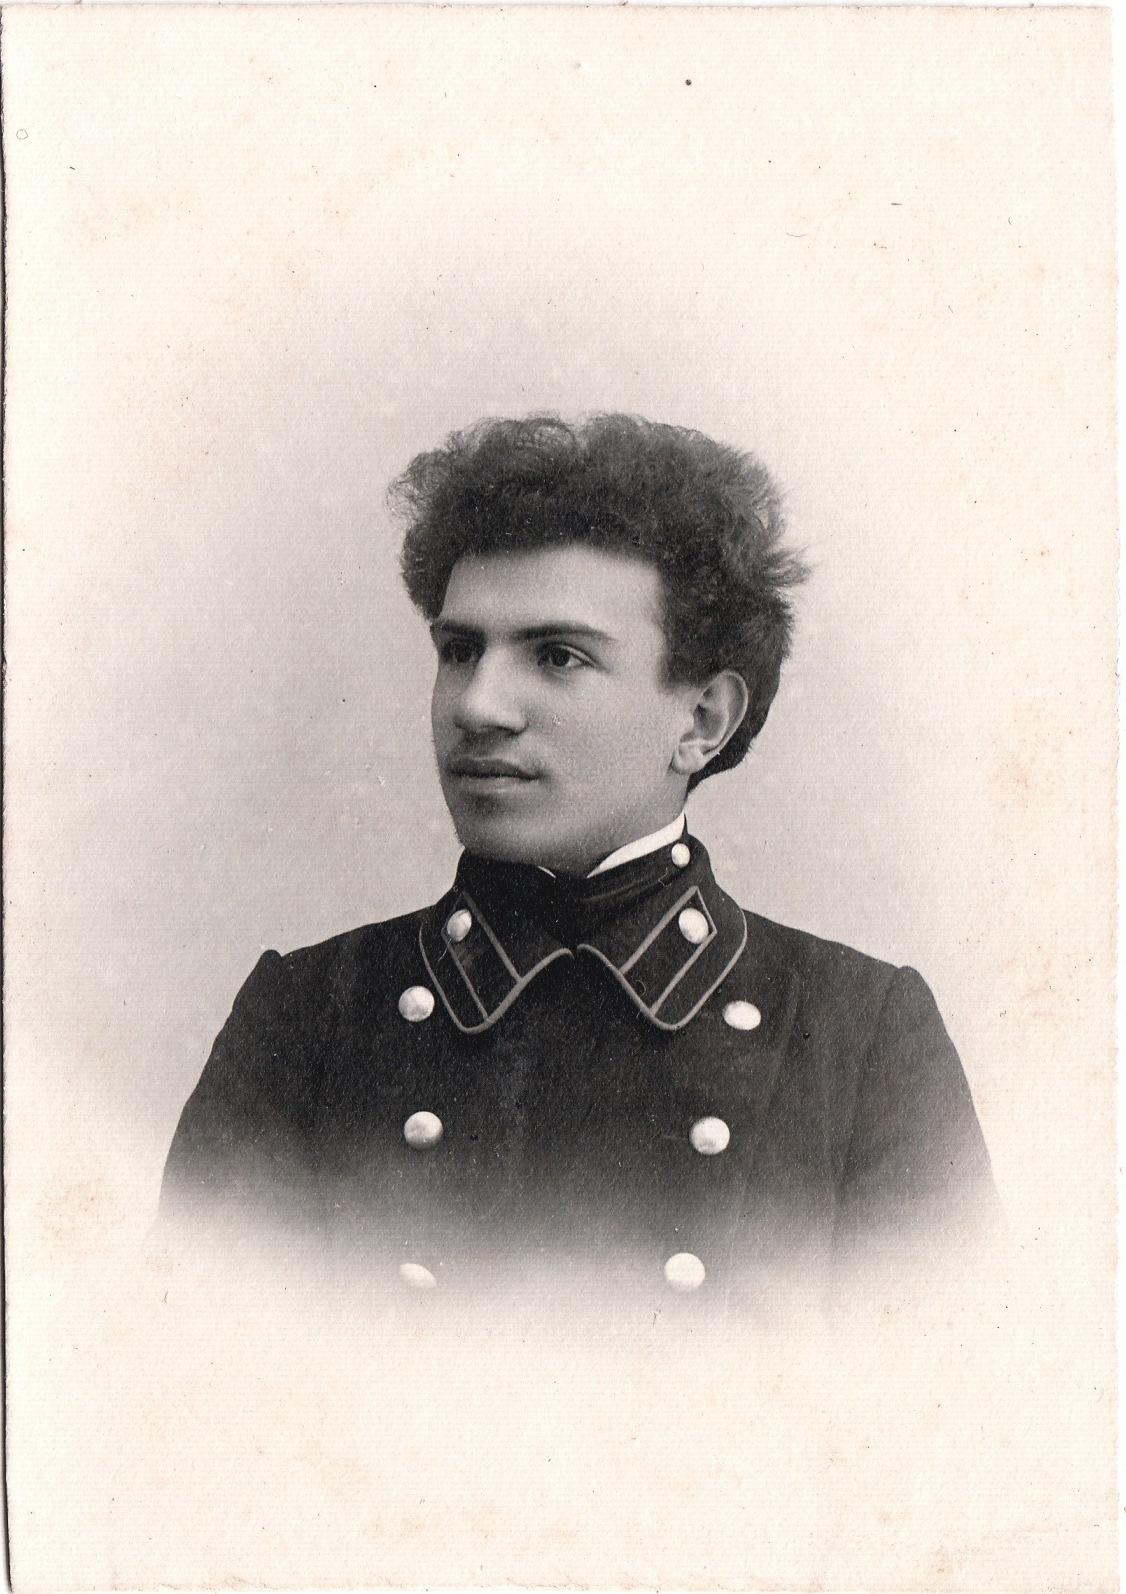 Студент Виноградов Леонид. I отделение разряд 2